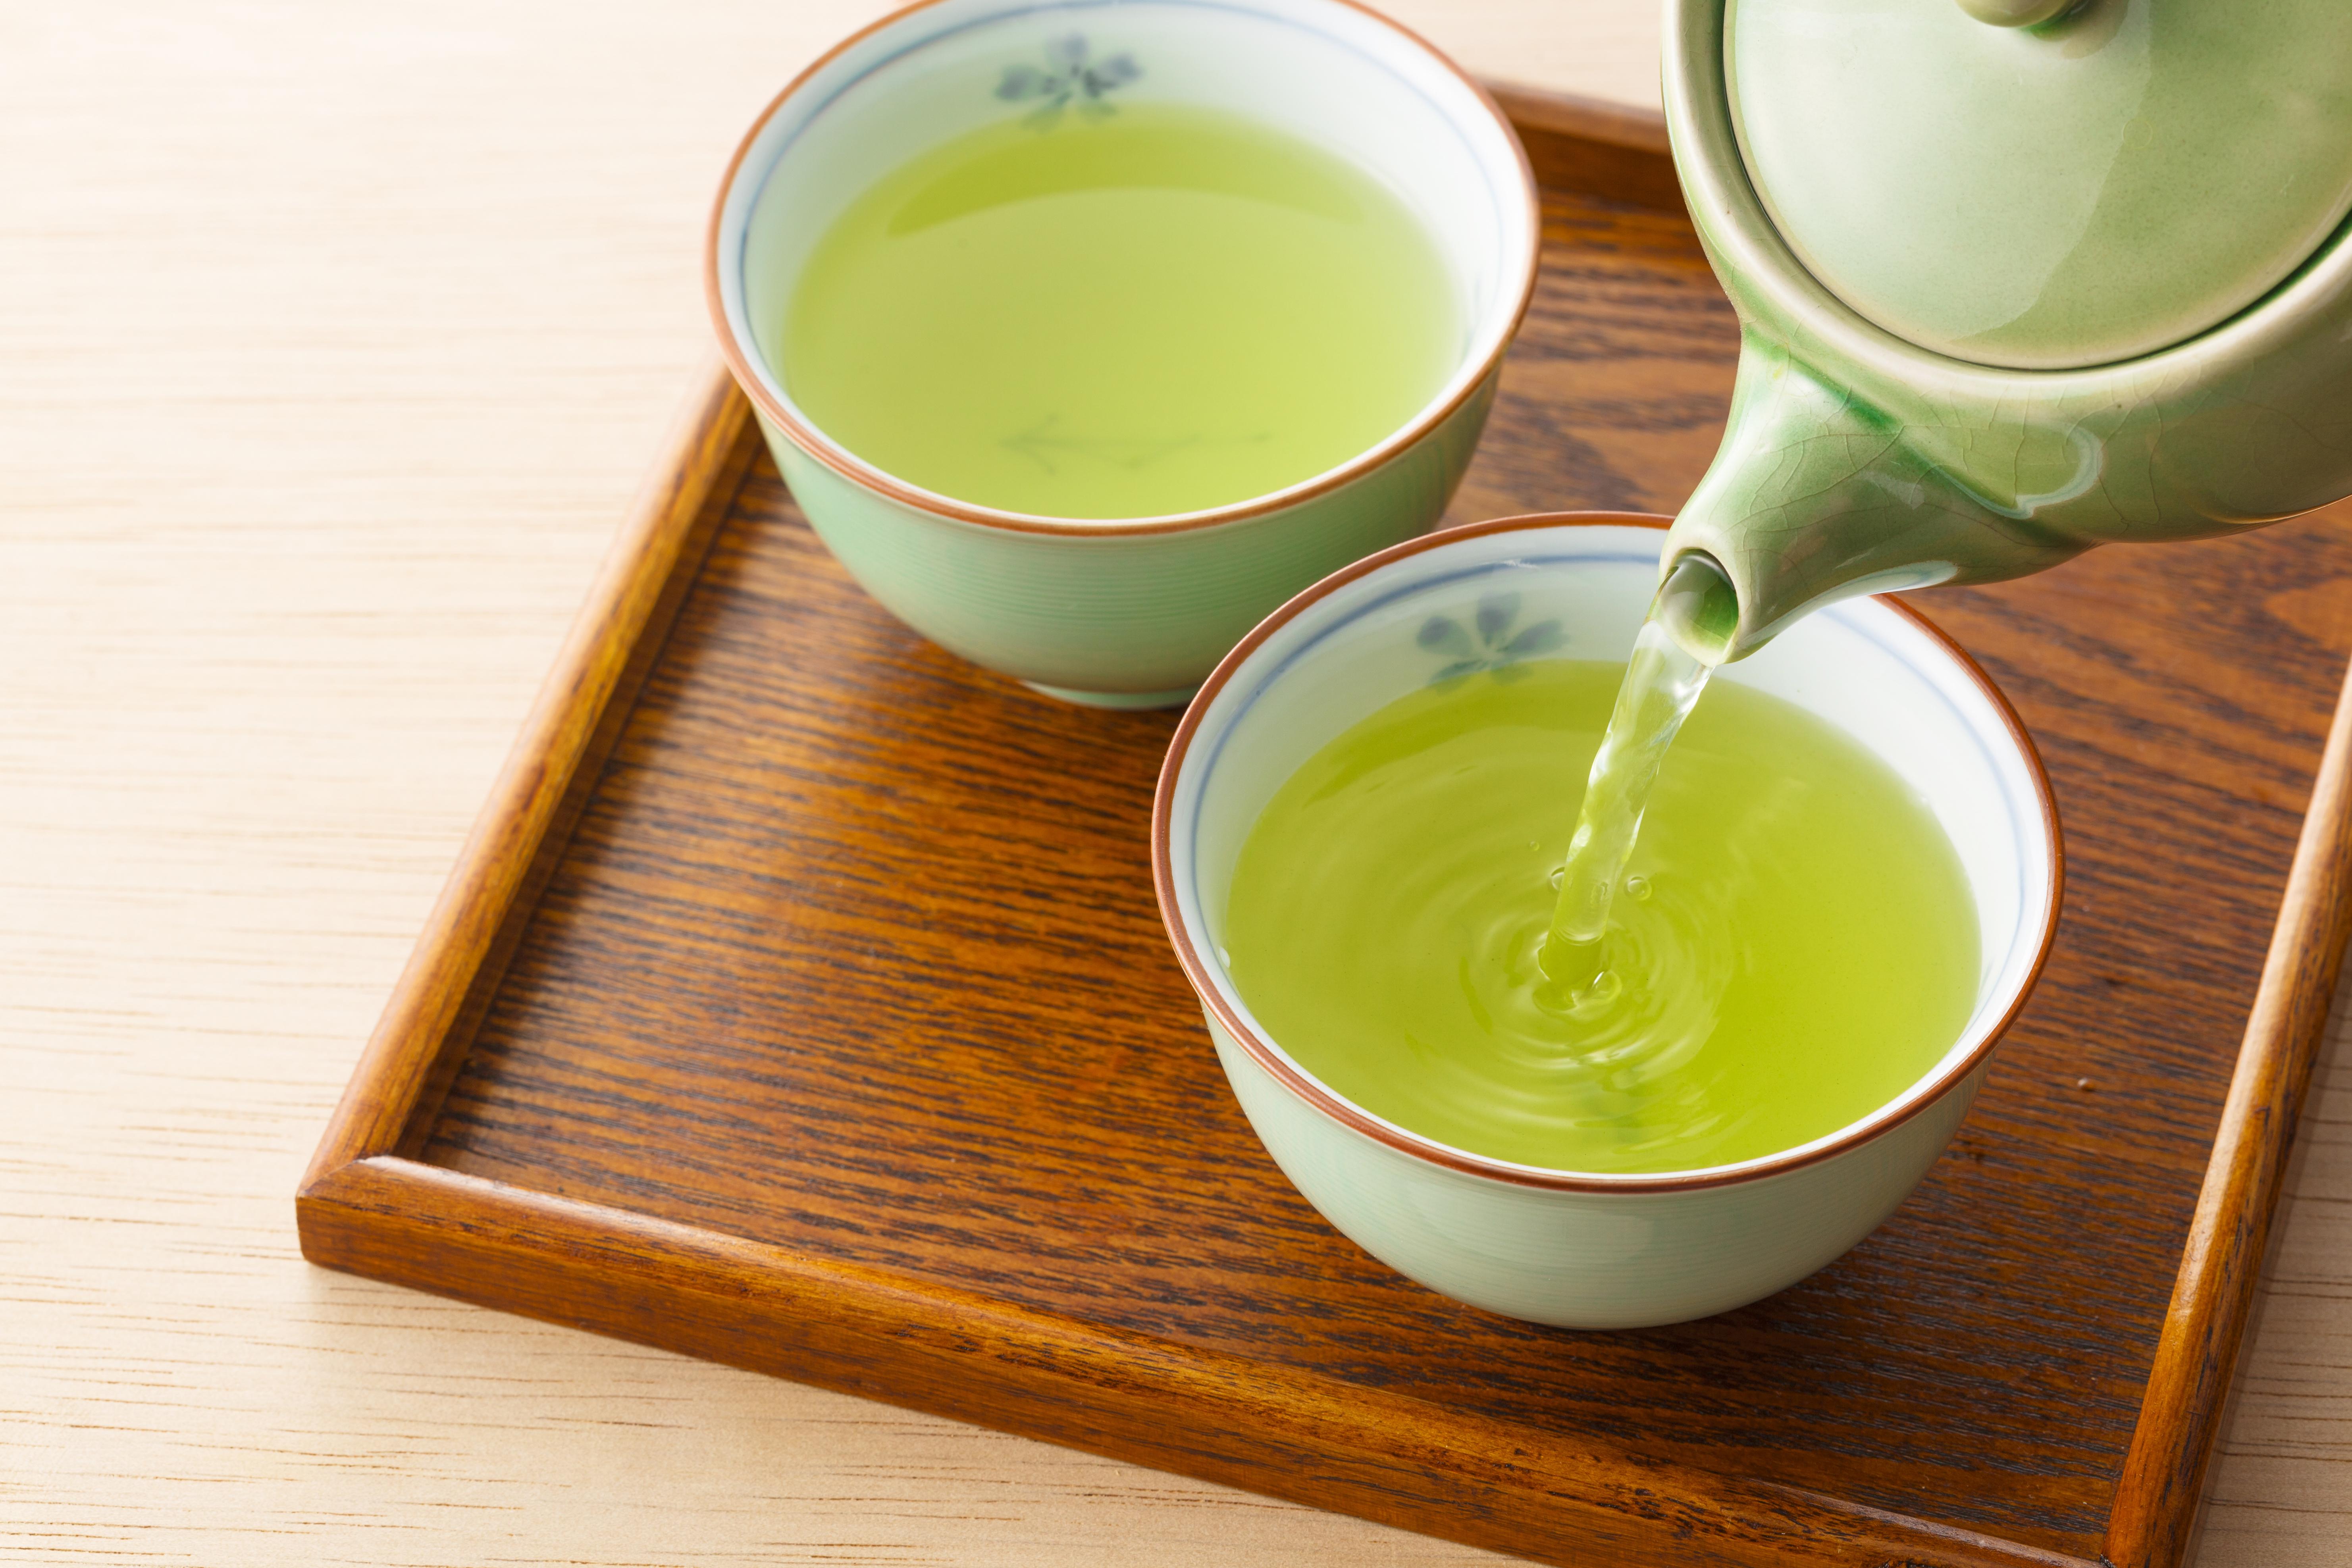 Ämnet Eipigallokatekingallat som är särskilt vanligt förekommande i grönt te.